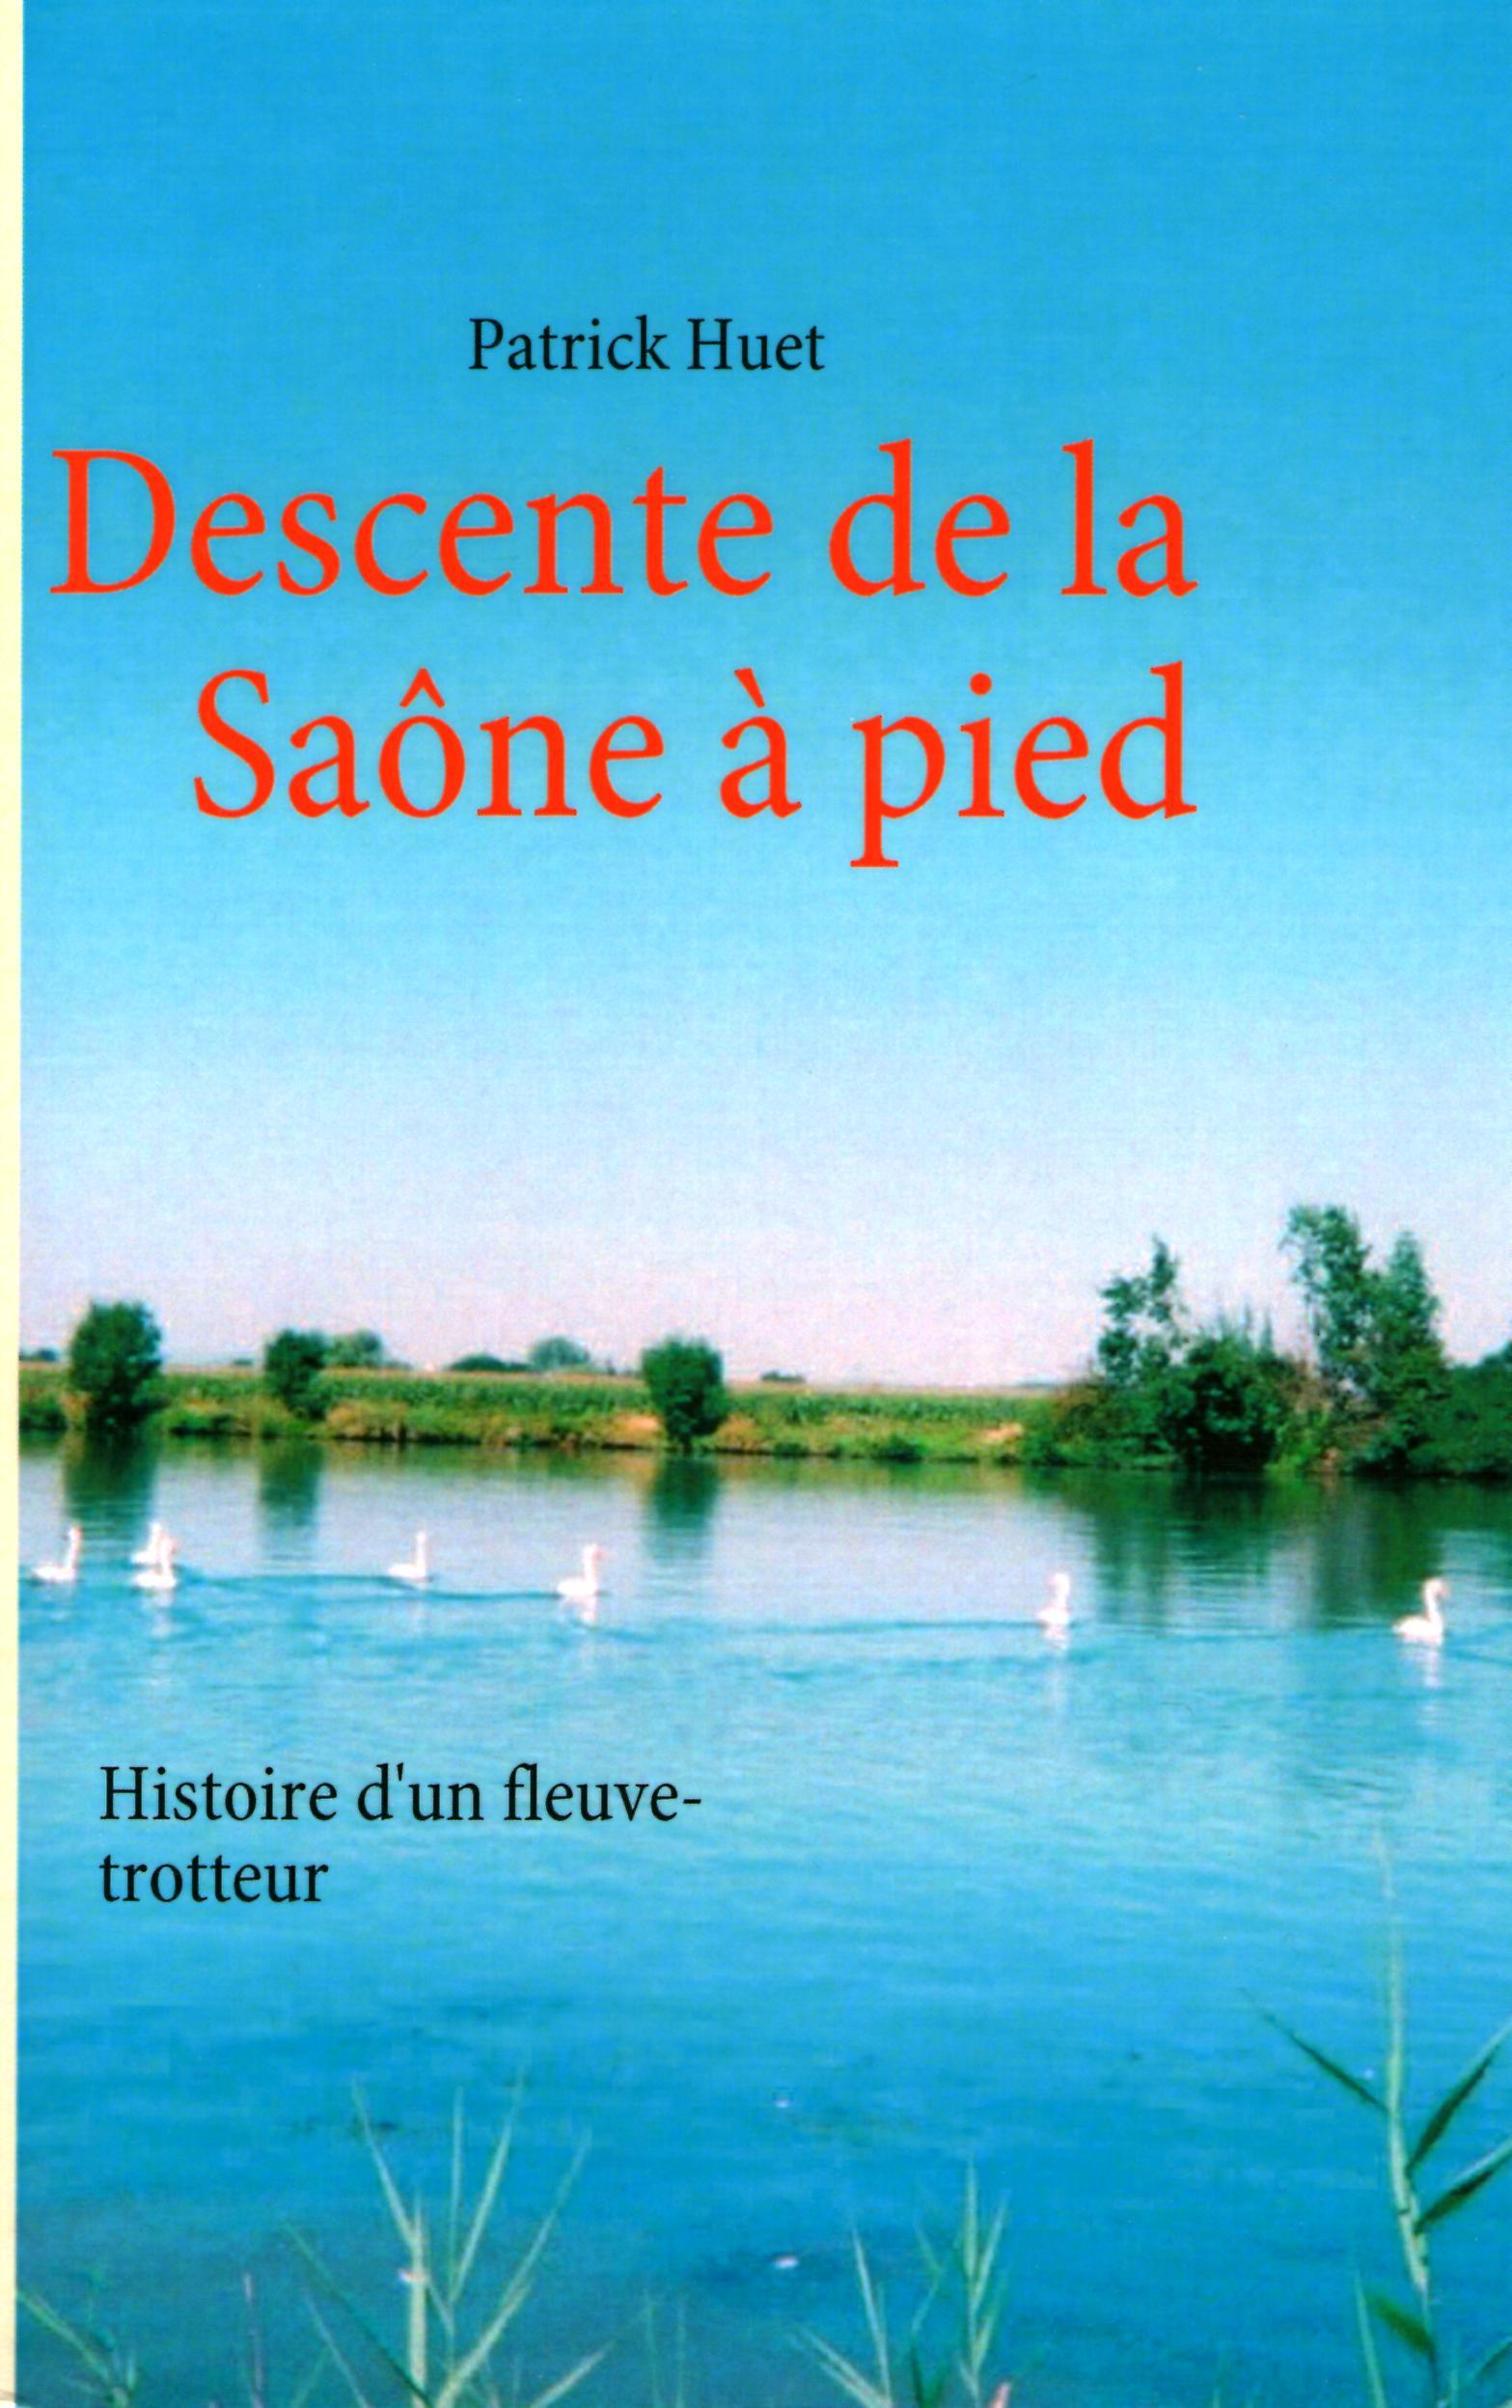 Livre Descente de la Saône à pied